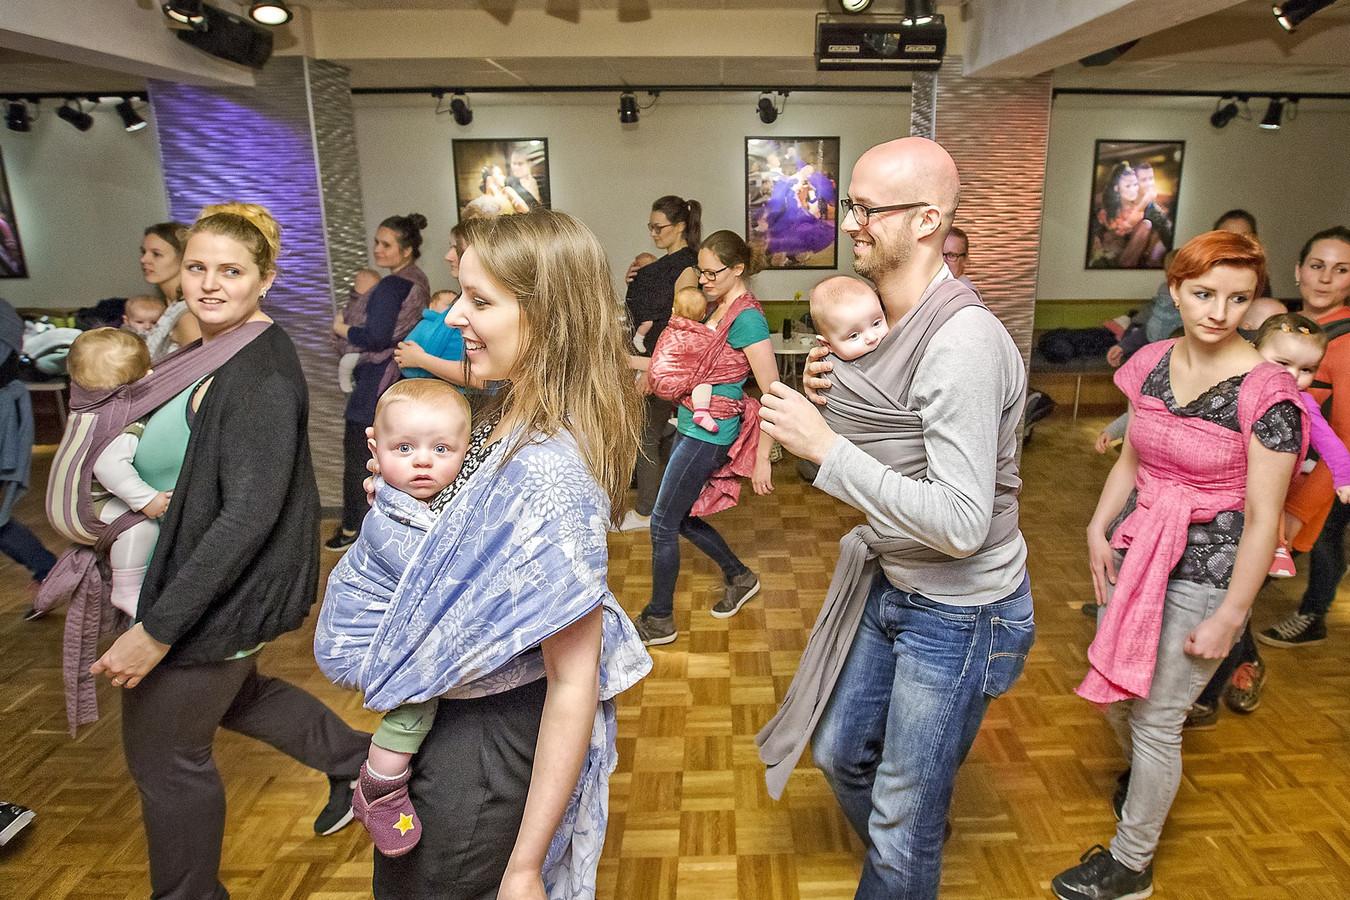 Dansen met je baby in een draagdoek blijkt veel ouders te trekken.